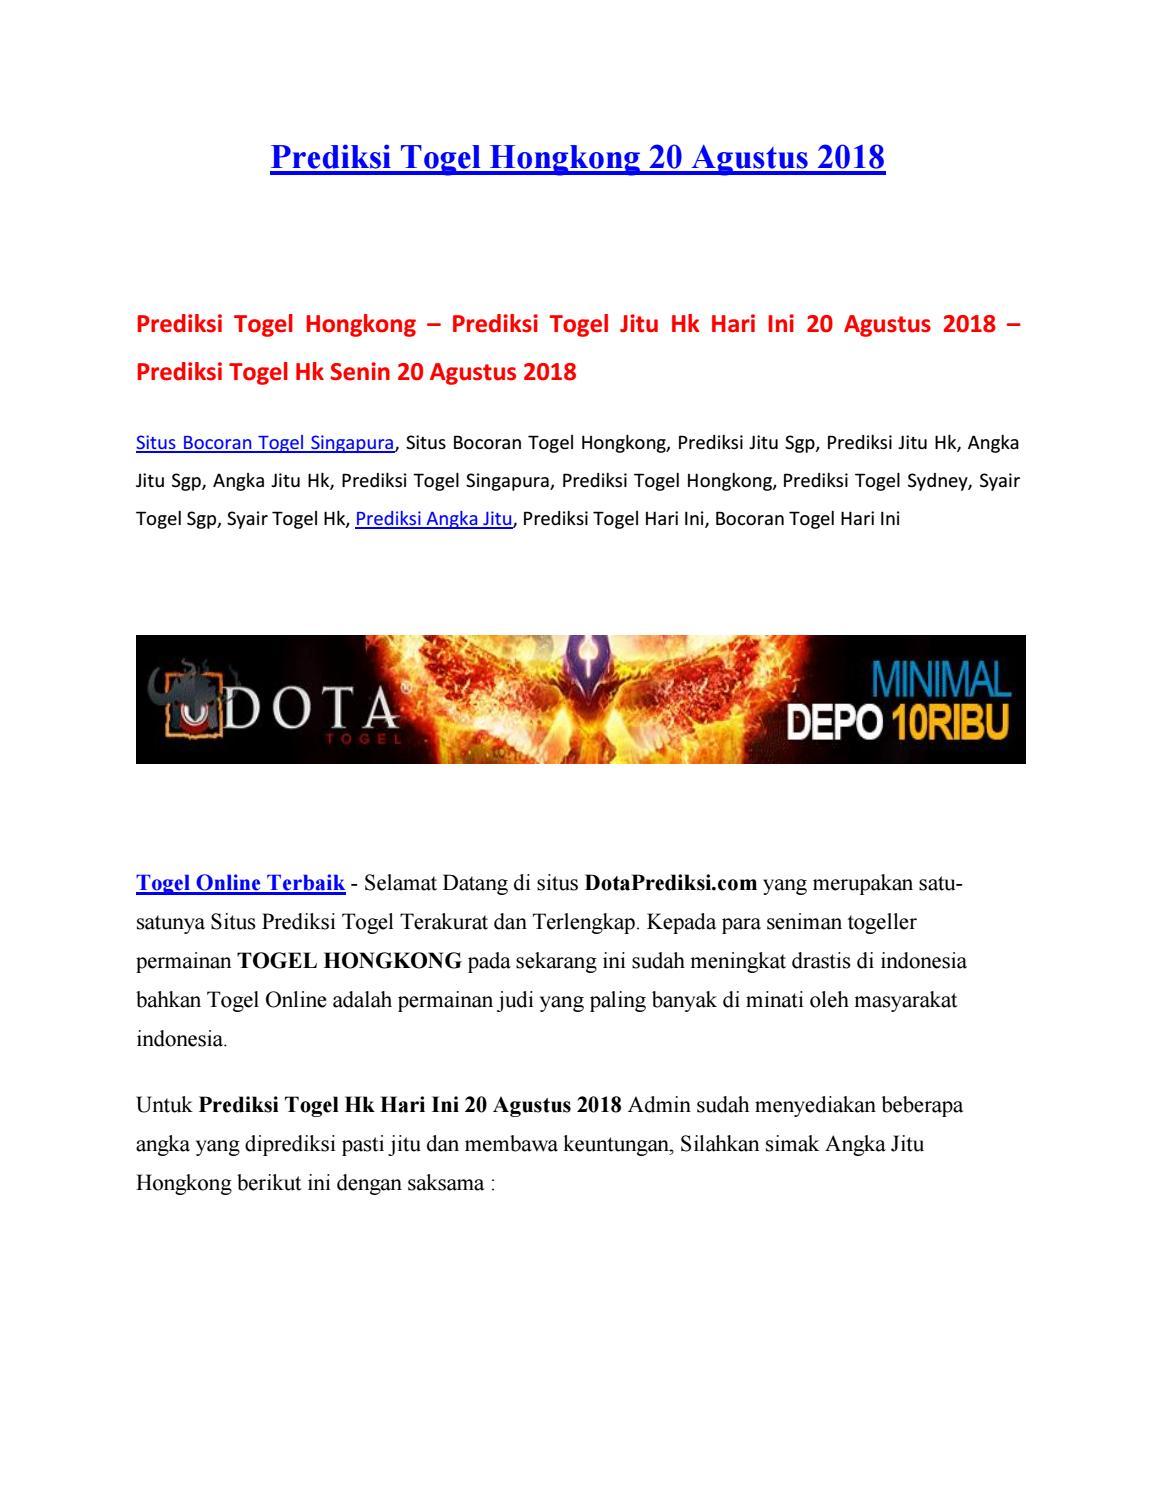 Prediksi Togel Hongkong 20 Agustus 2018 by DOTA TOGEL - issuu 3ff25e46f9